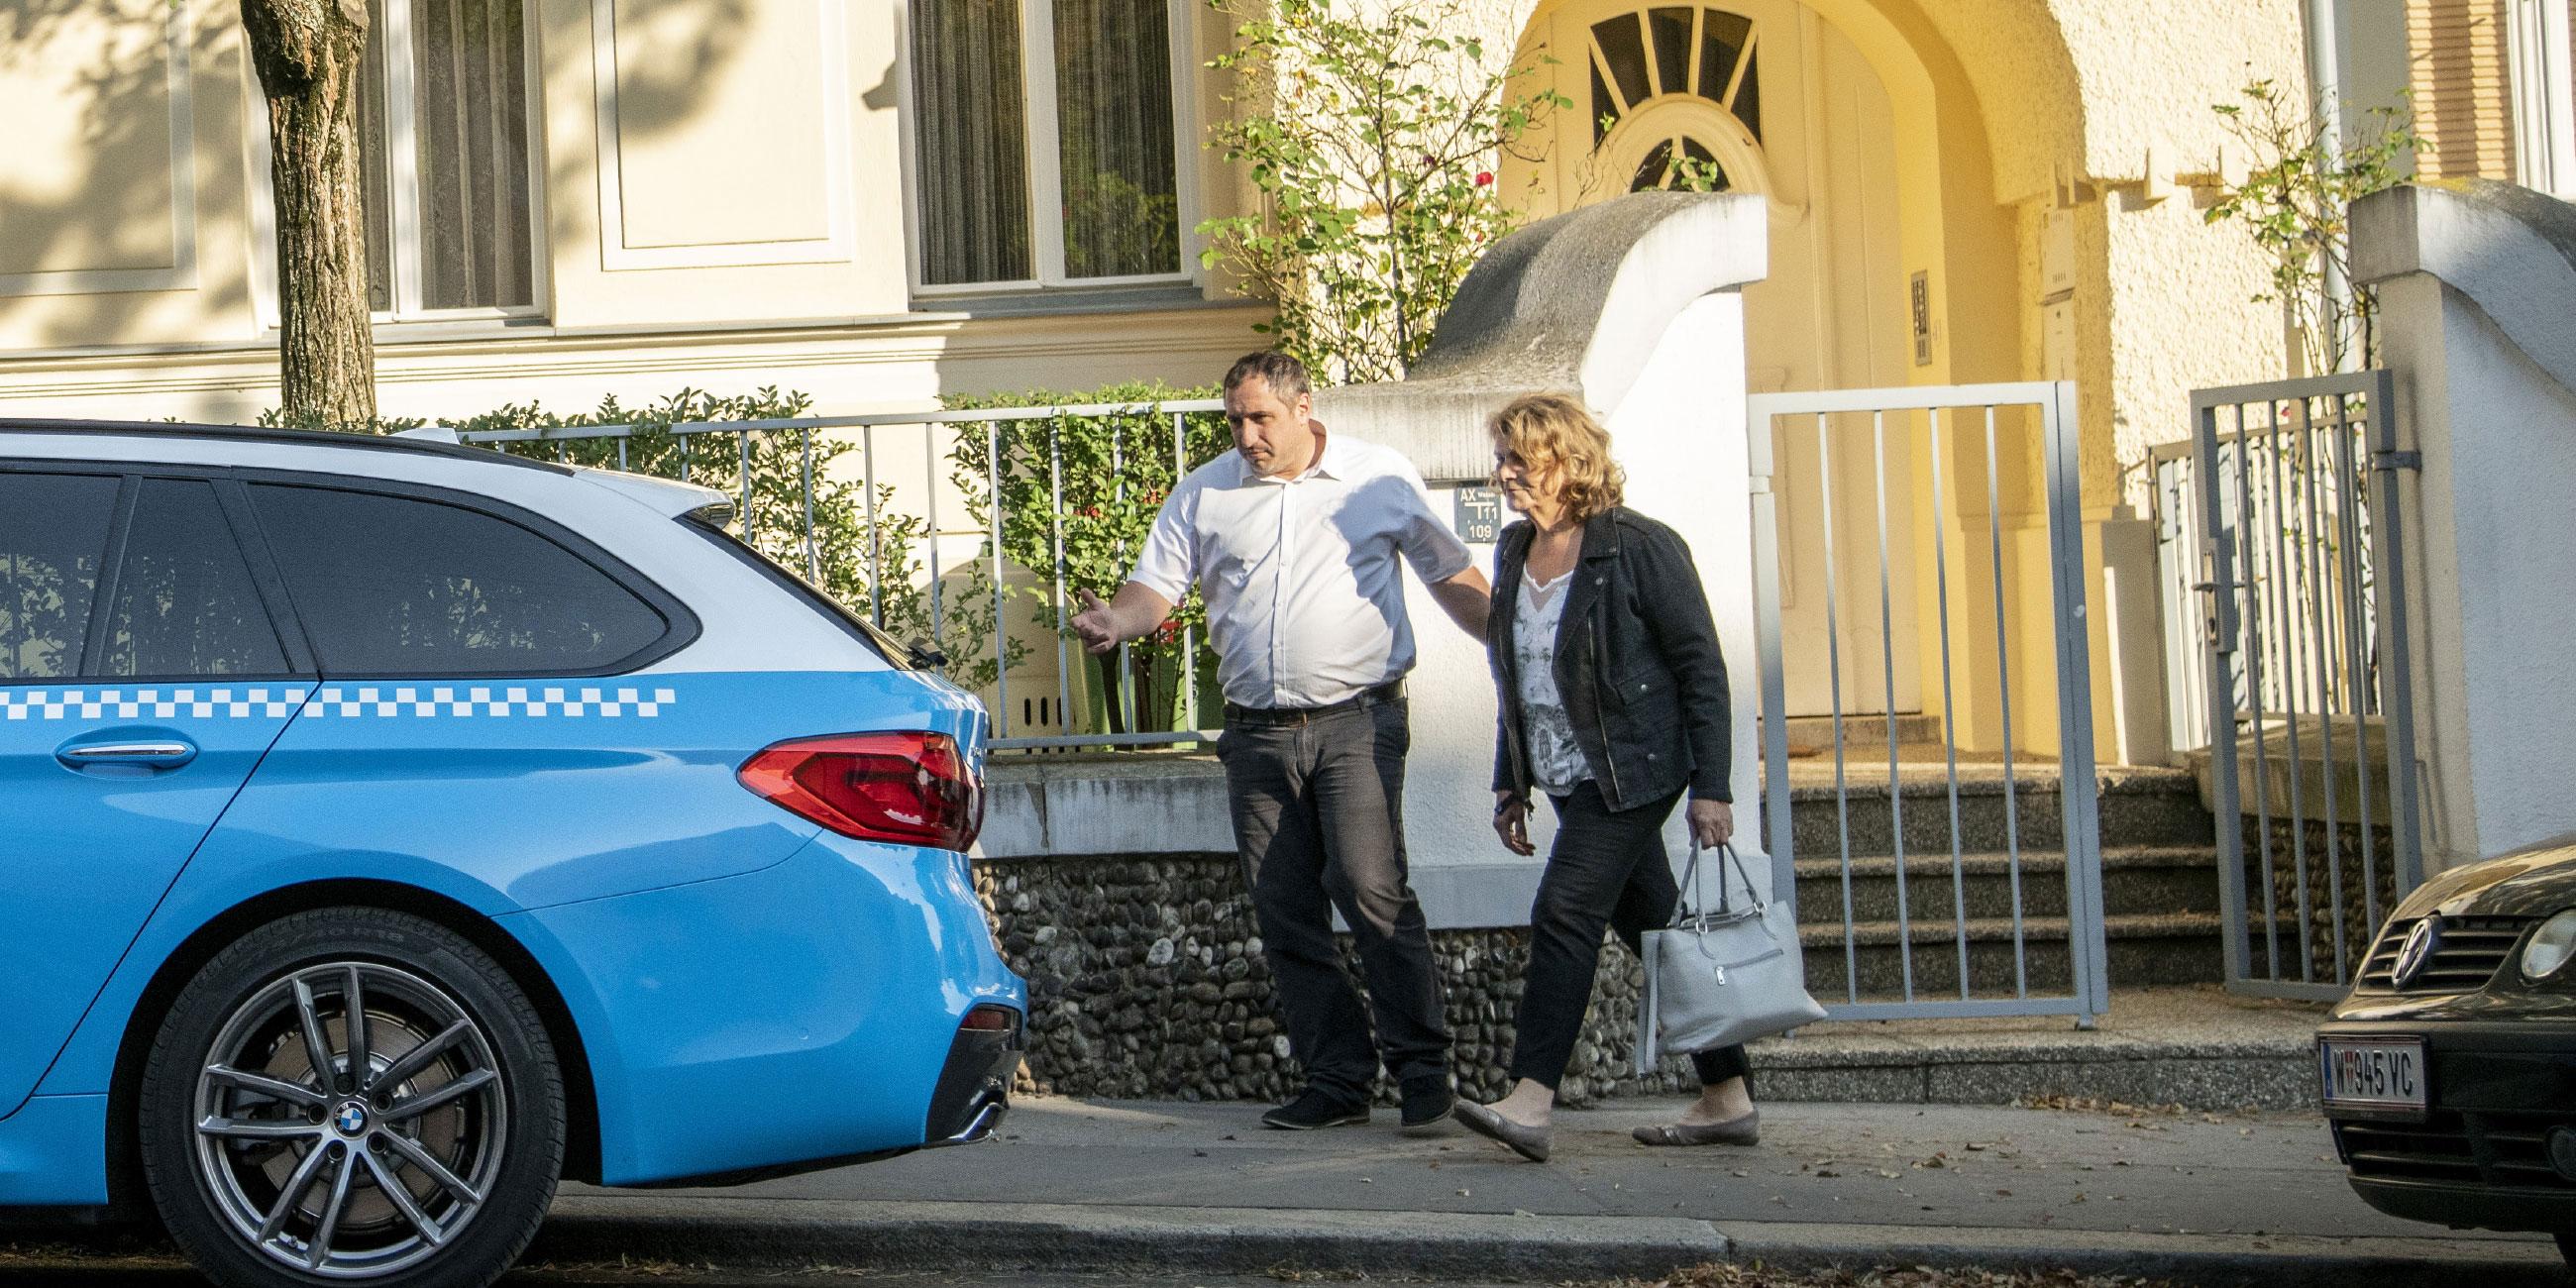 Ein TaxiPlus Lenker begleitet eine Seniorin zum TaxiPlus Fahrzeug.